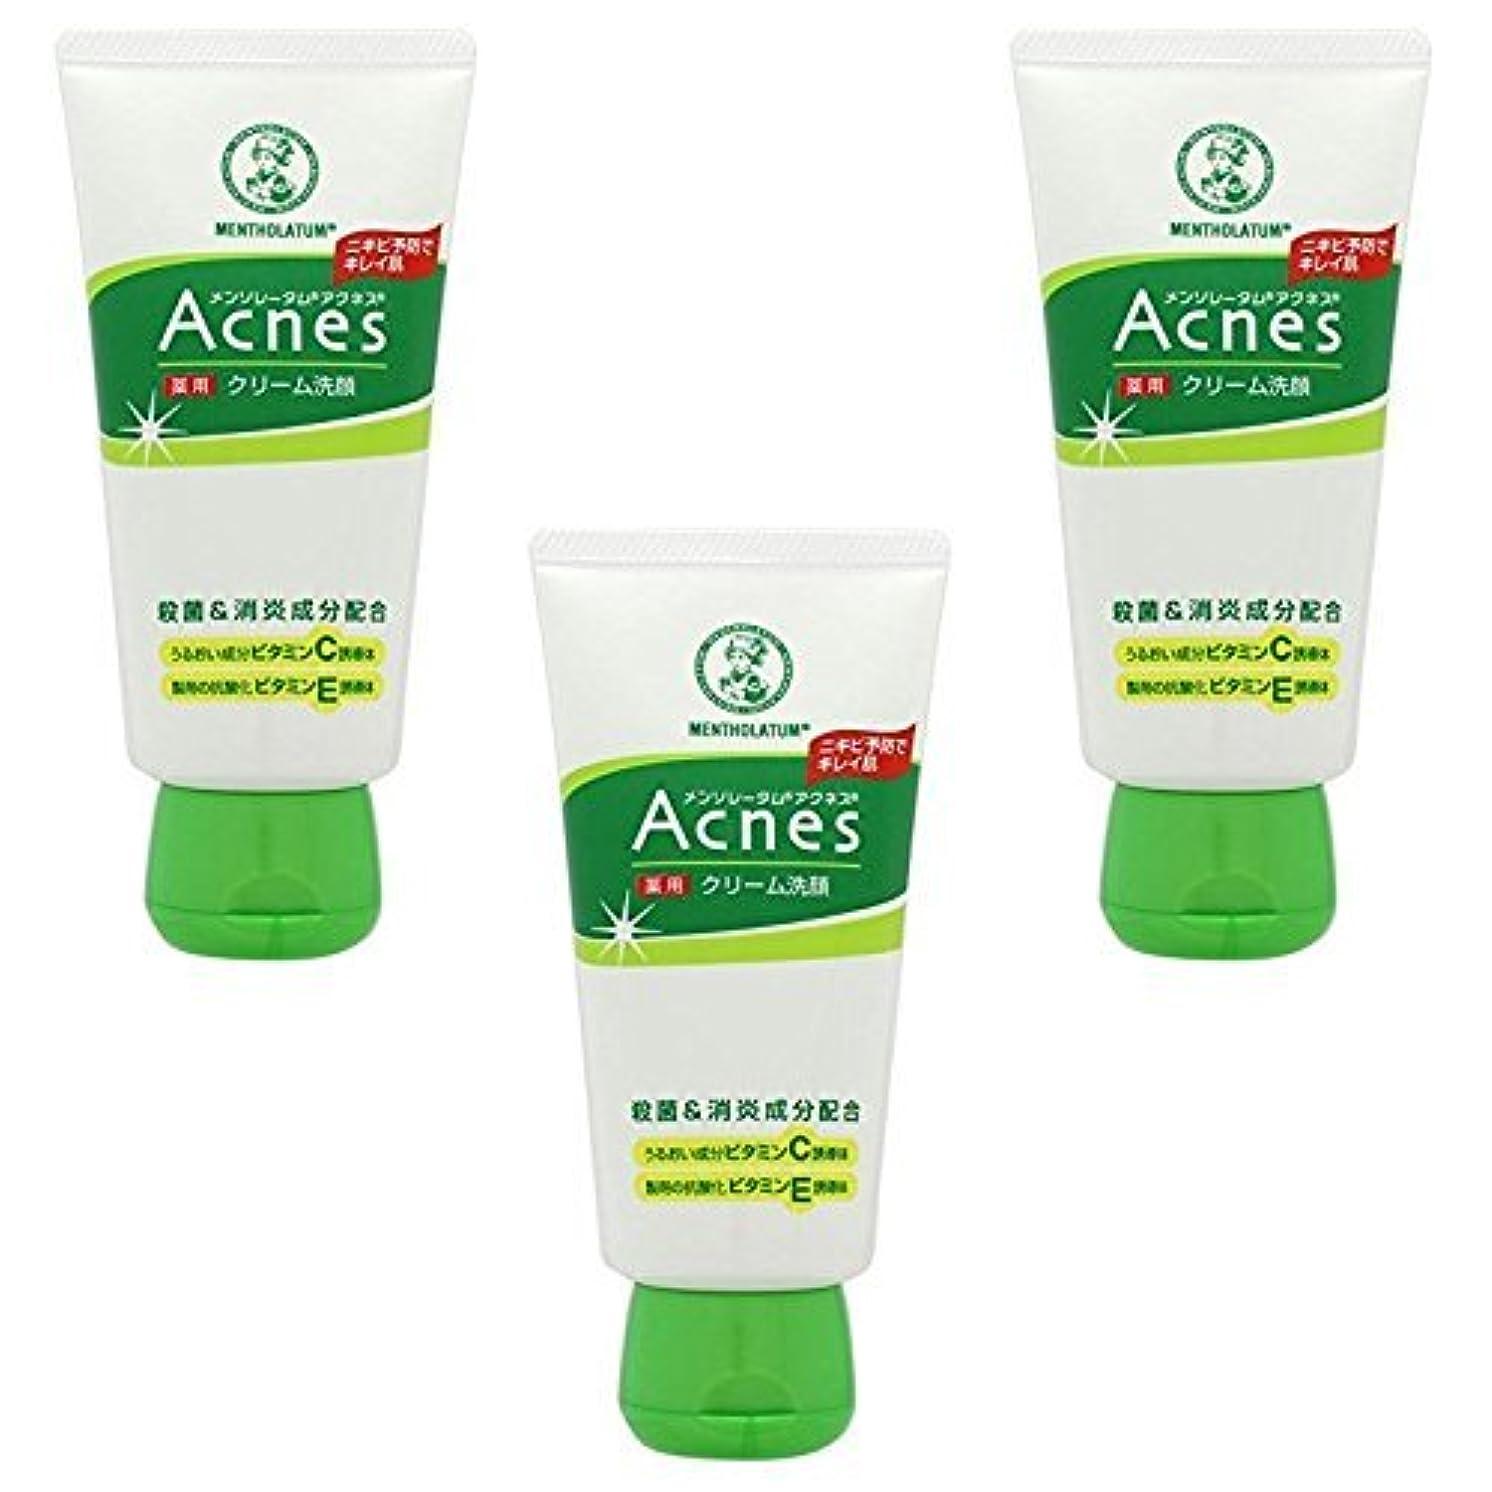 拾う中世の血色の良い【まとめ買い】Acnes(アクネス) 薬用クリーム洗顔 130g (医薬部外品) ×3個